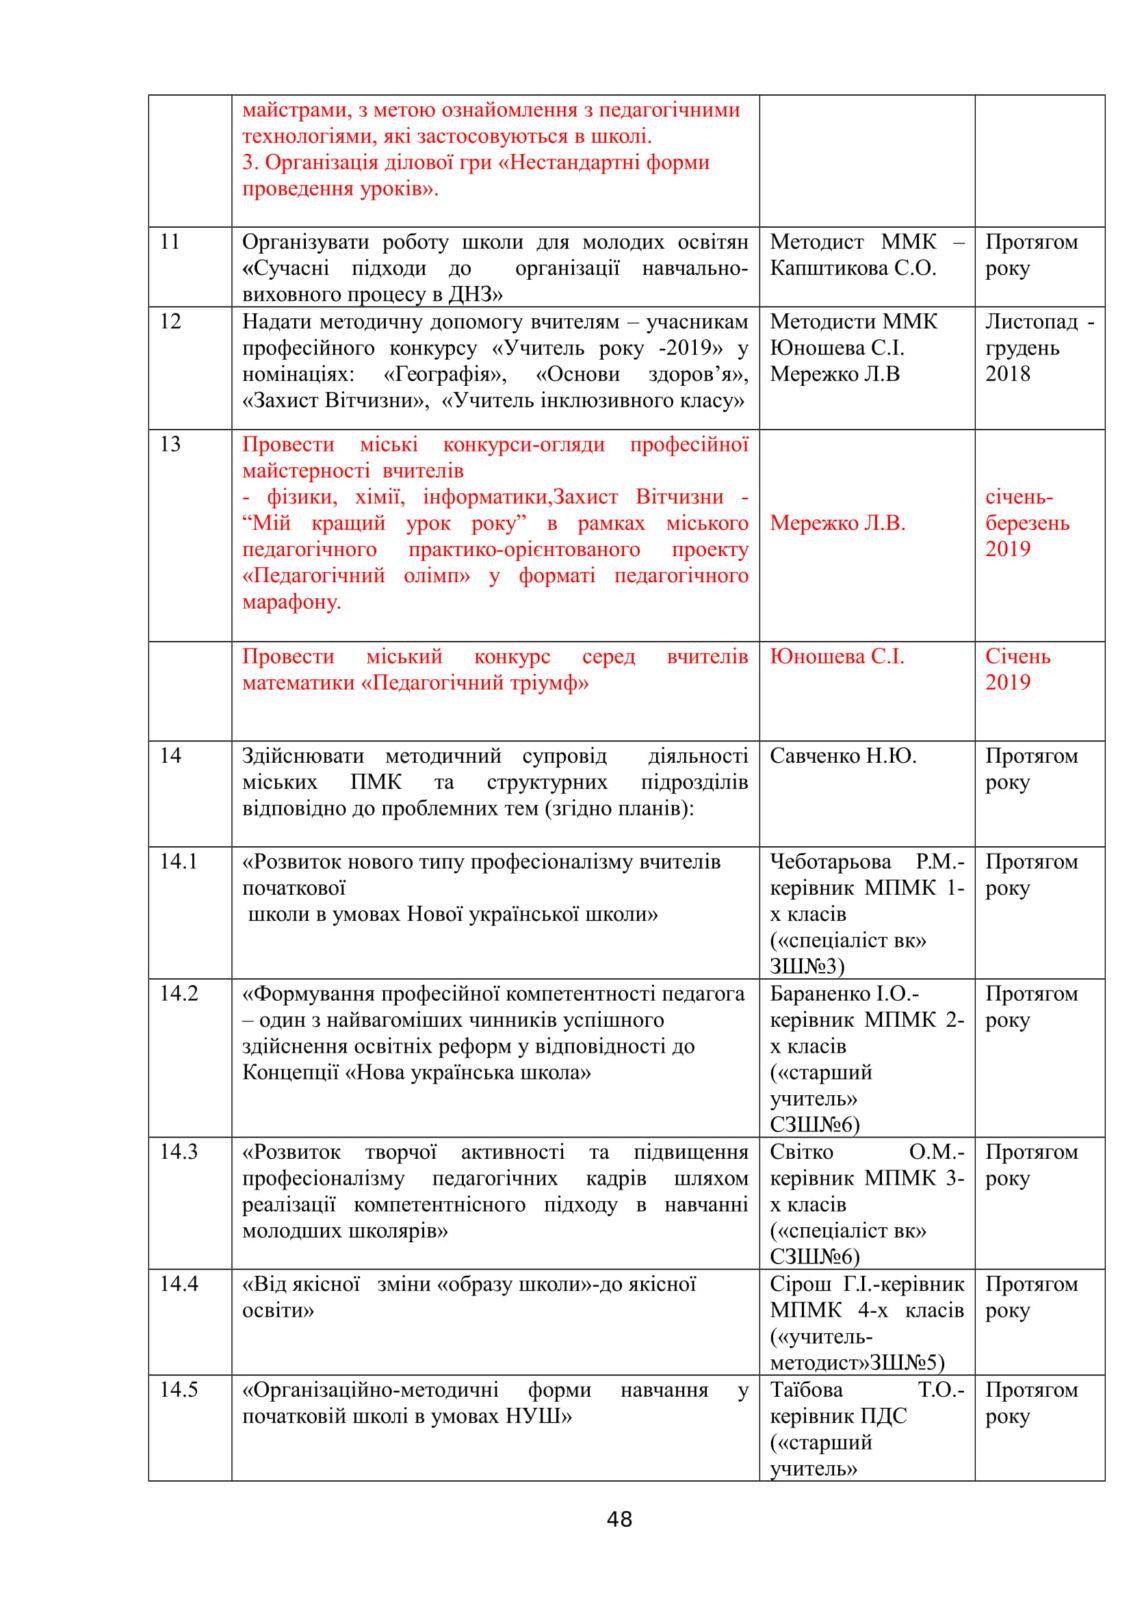 Костянтинівка 2018-2019 - ММК план роботи-49